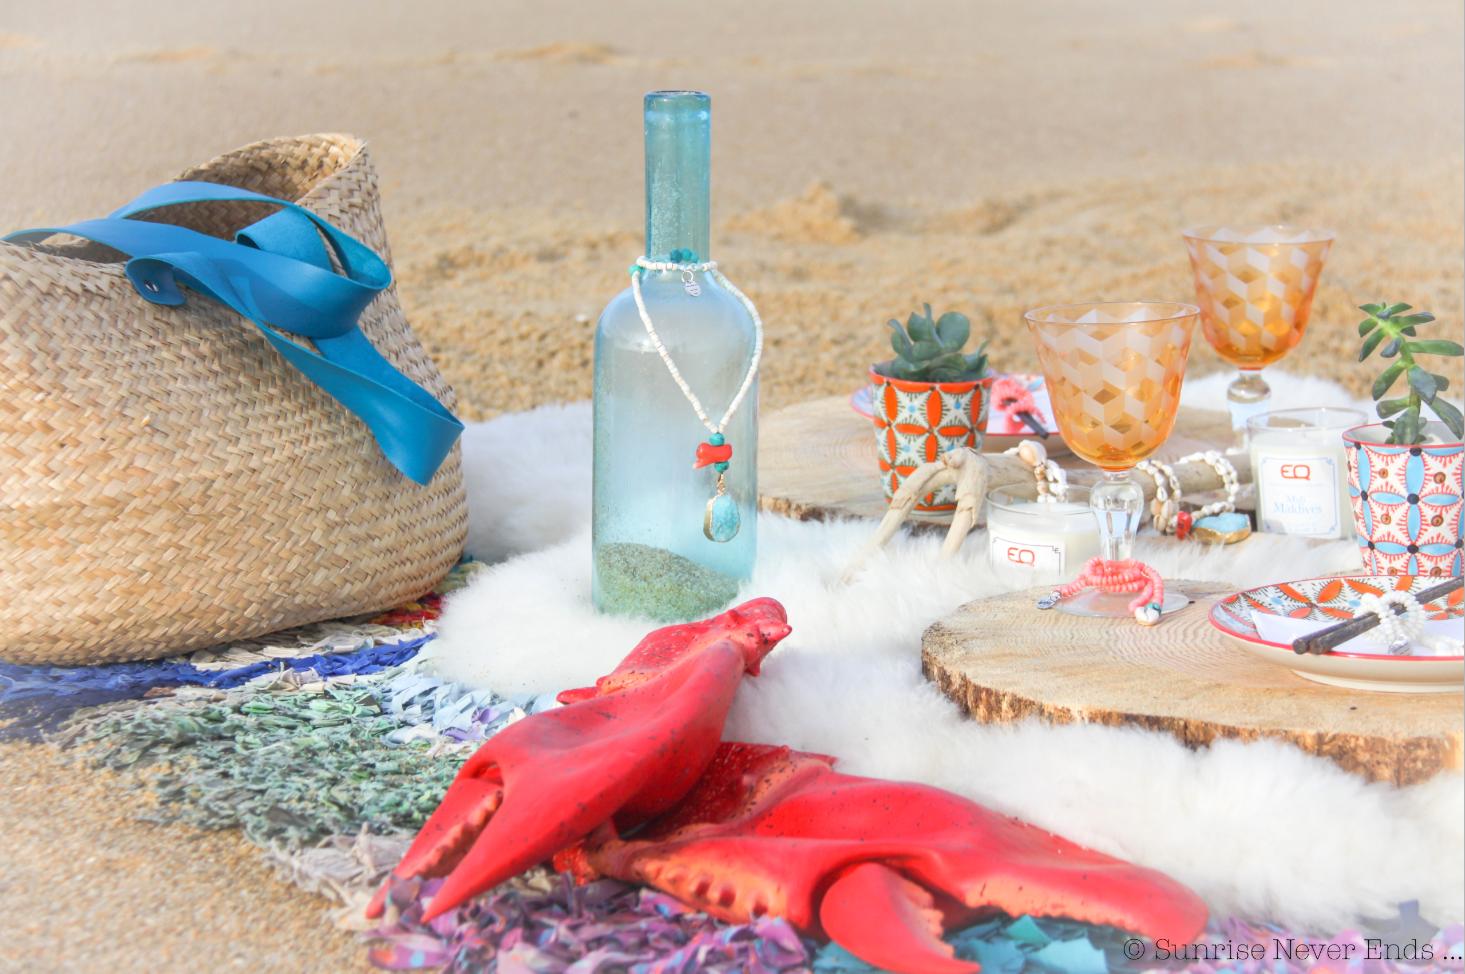 art de la table,concours,beach shack hossegor,ateliers de sathyne,sunrise never ends,picnic,la plage,hossegor